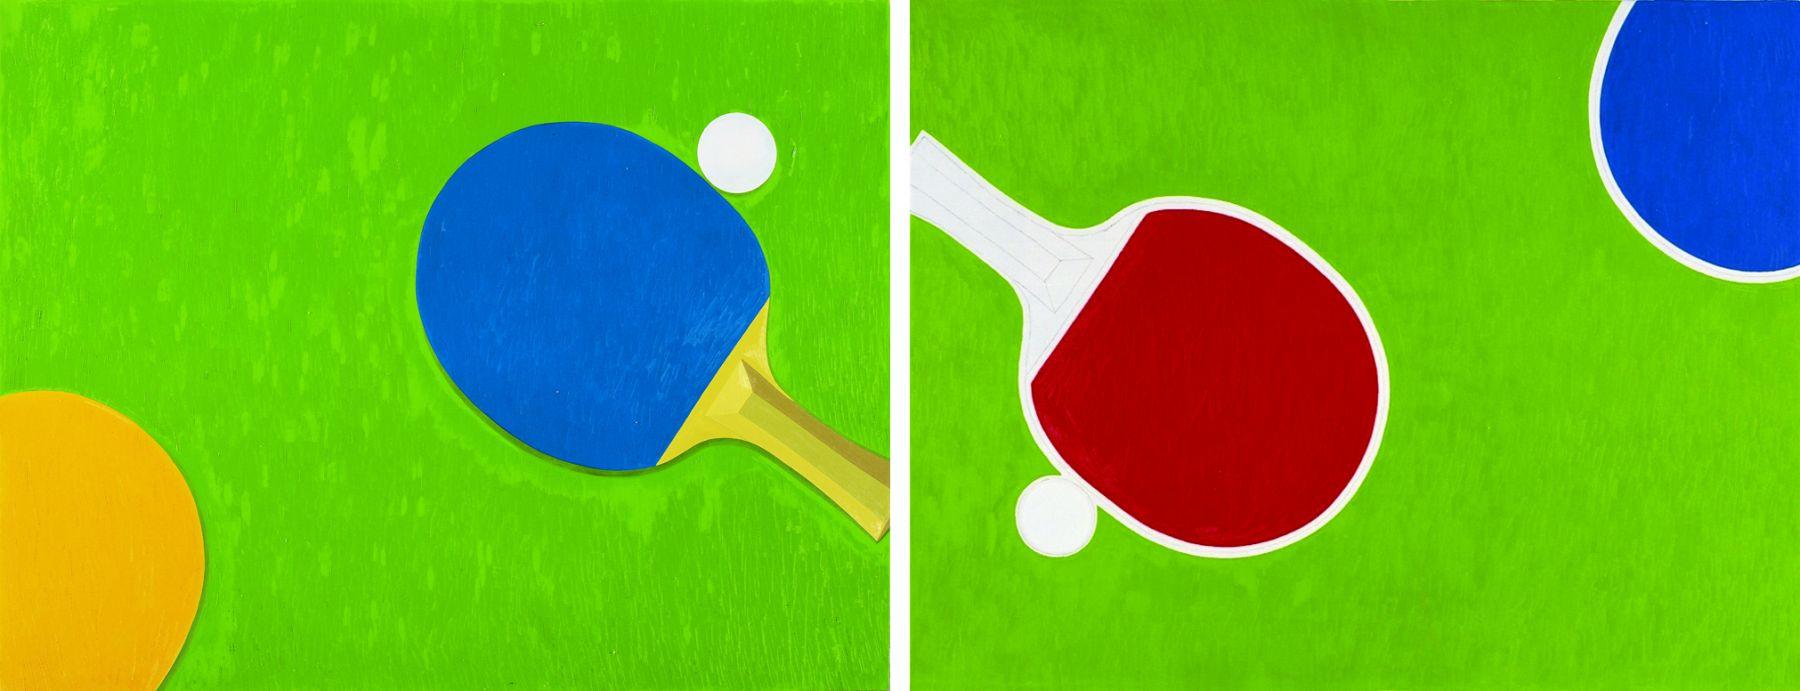 Ping Pong No. 9, 10 乒乓 No. 9, 10, 2011